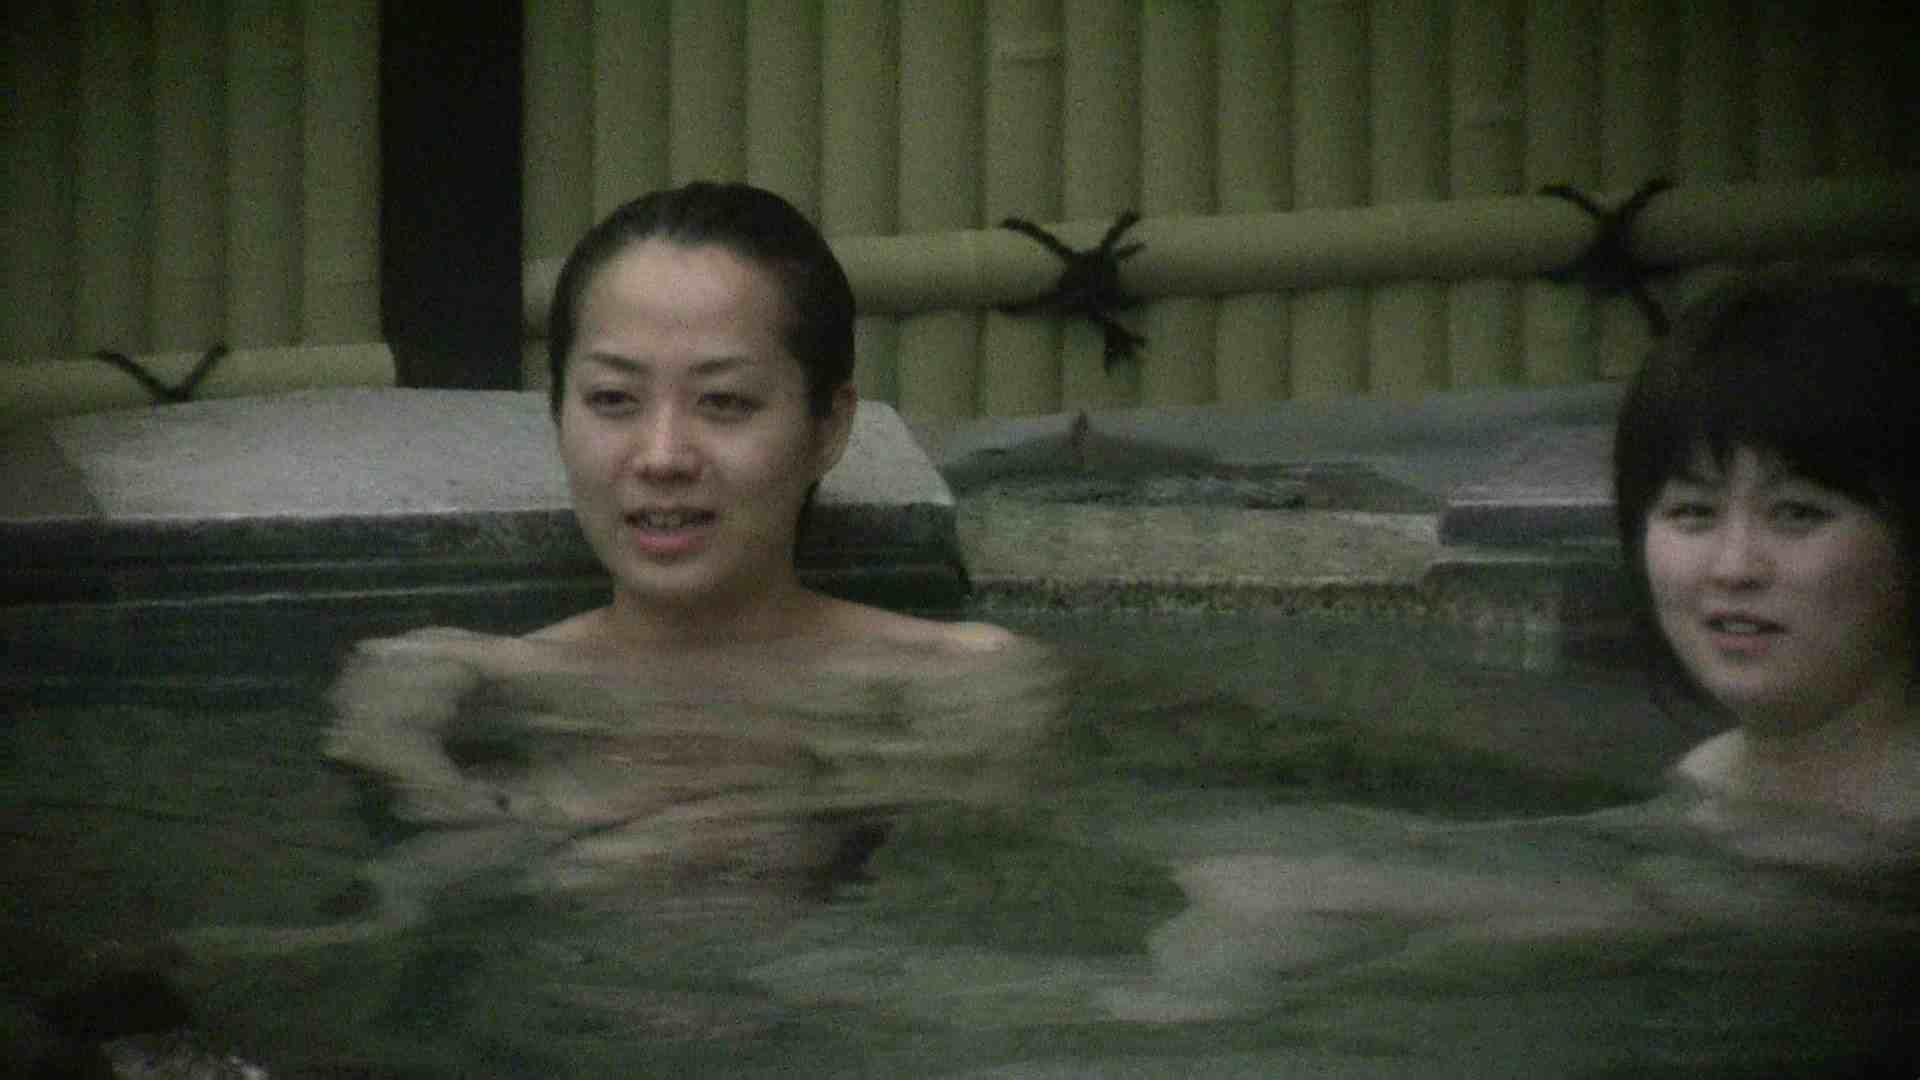 Aquaな露天風呂Vol.539 露天覗き エロ画像 80枚